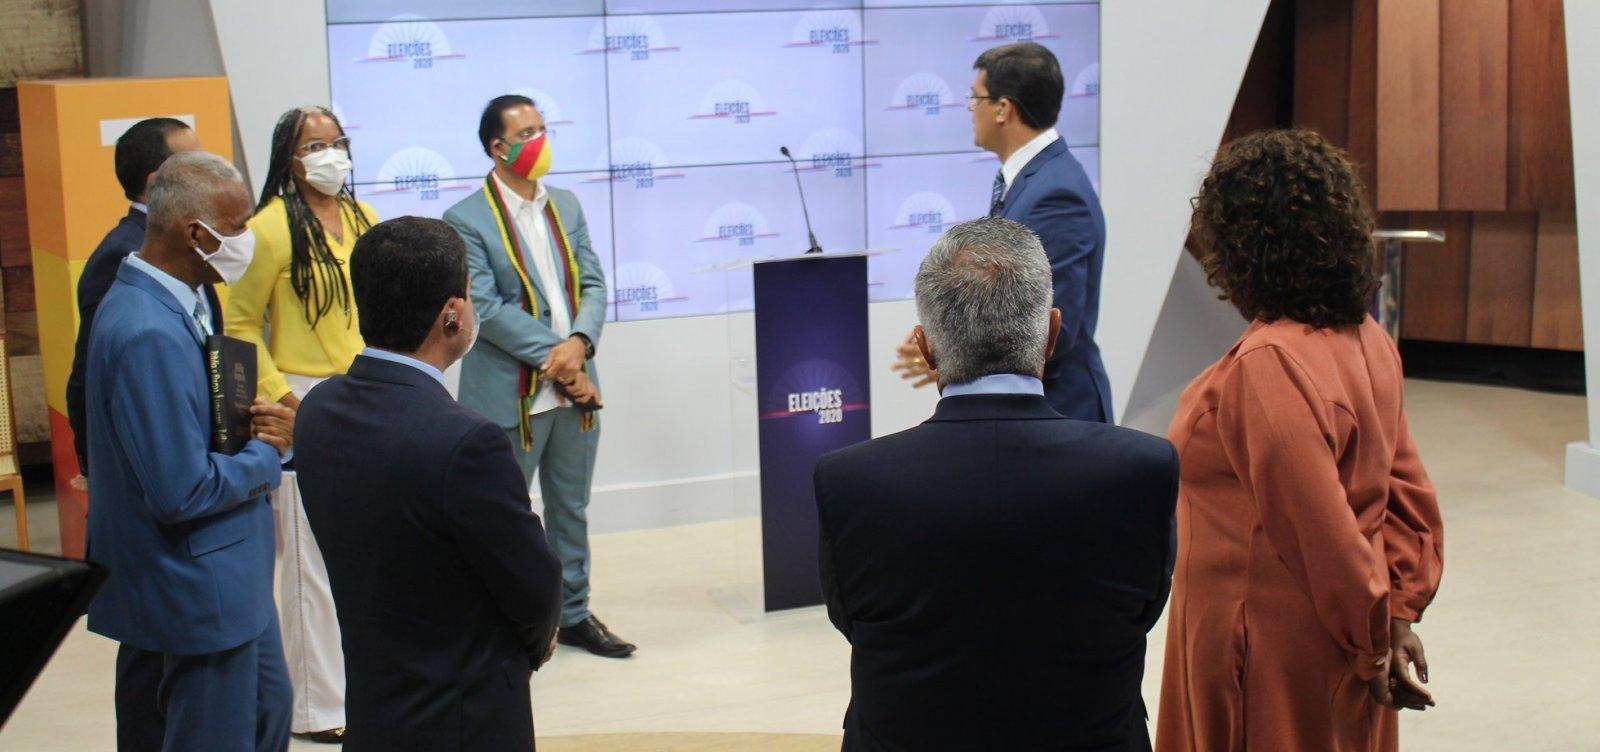 [Veja o que aconteceu no segundo debate entre os candidatos à prefeitura de Salvador]